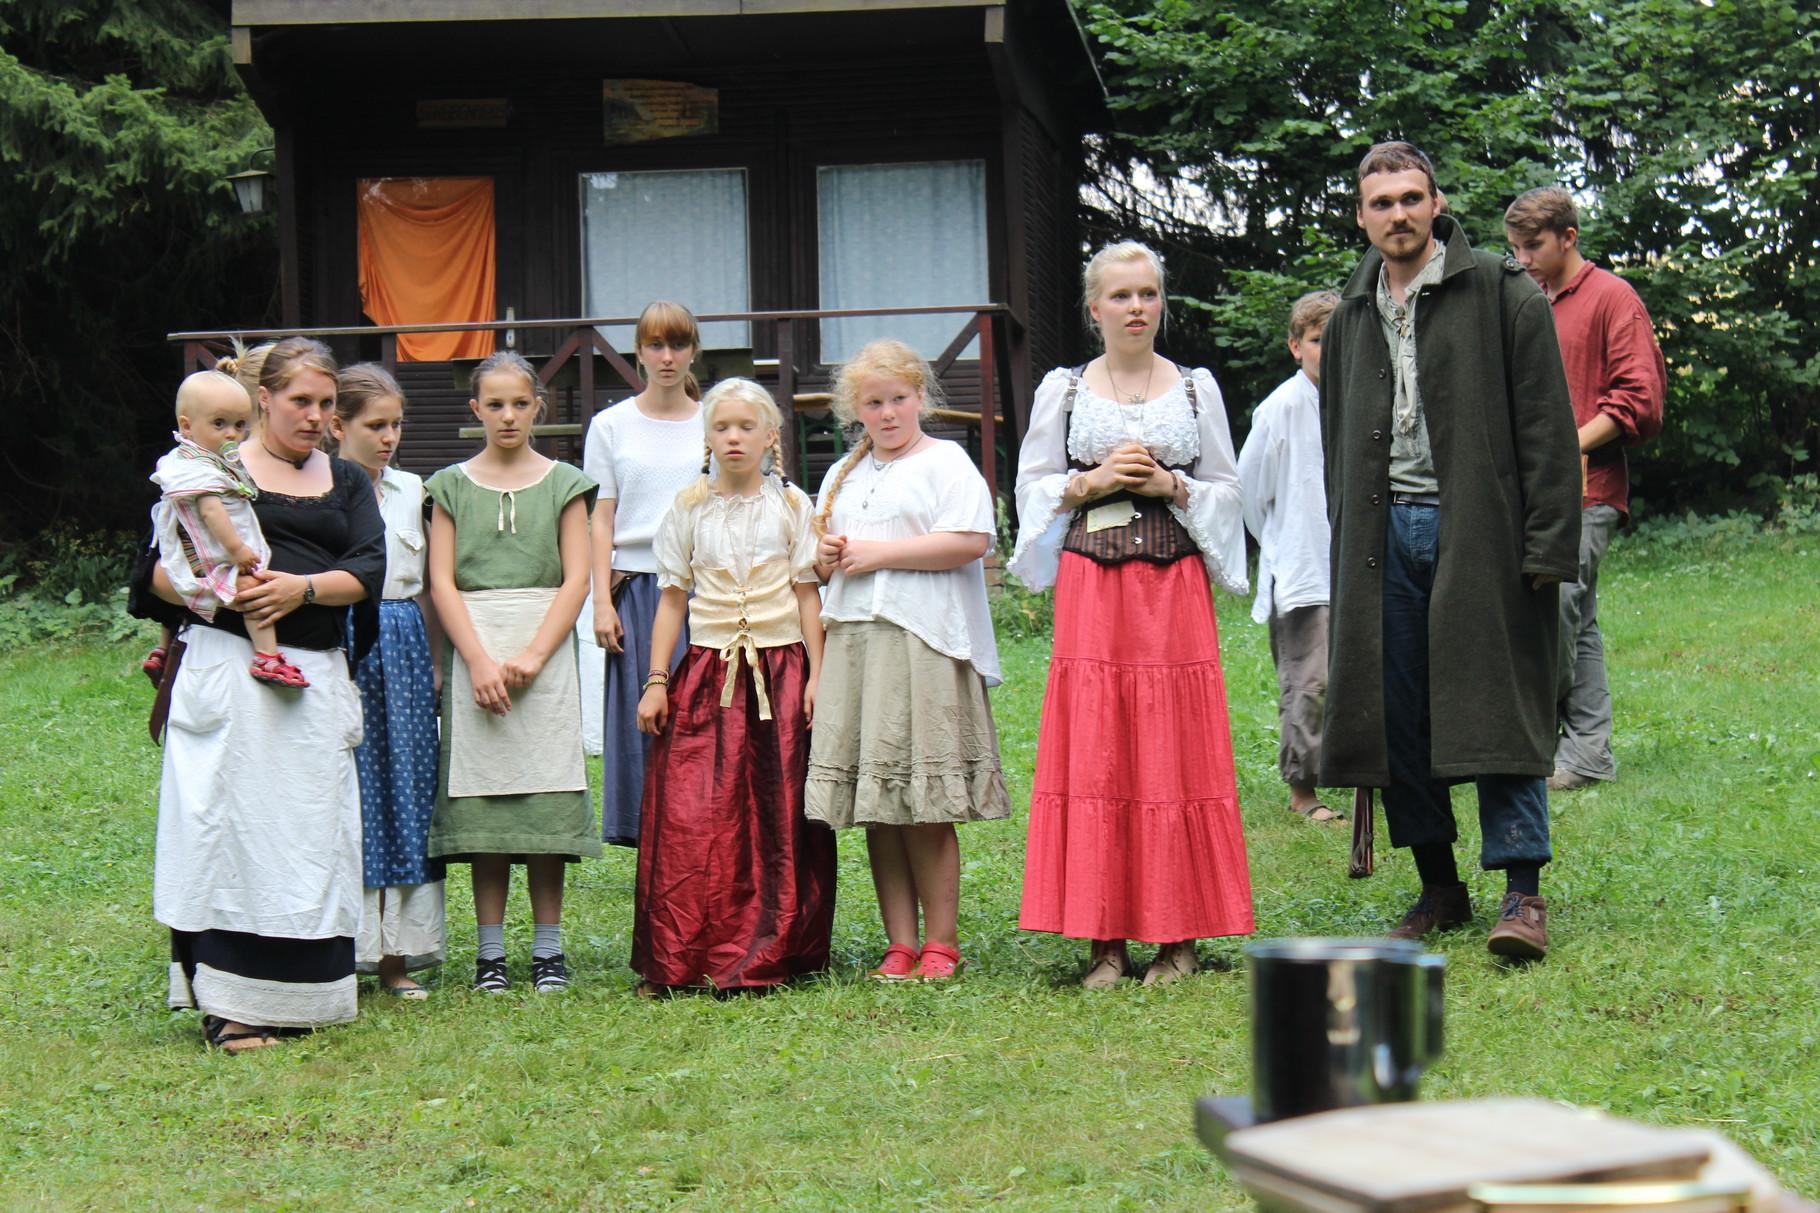 Die Bewohner des Dorfes, die Wolfin und Stülpner beobachten den Abzug des richterlichen Aufgebots.